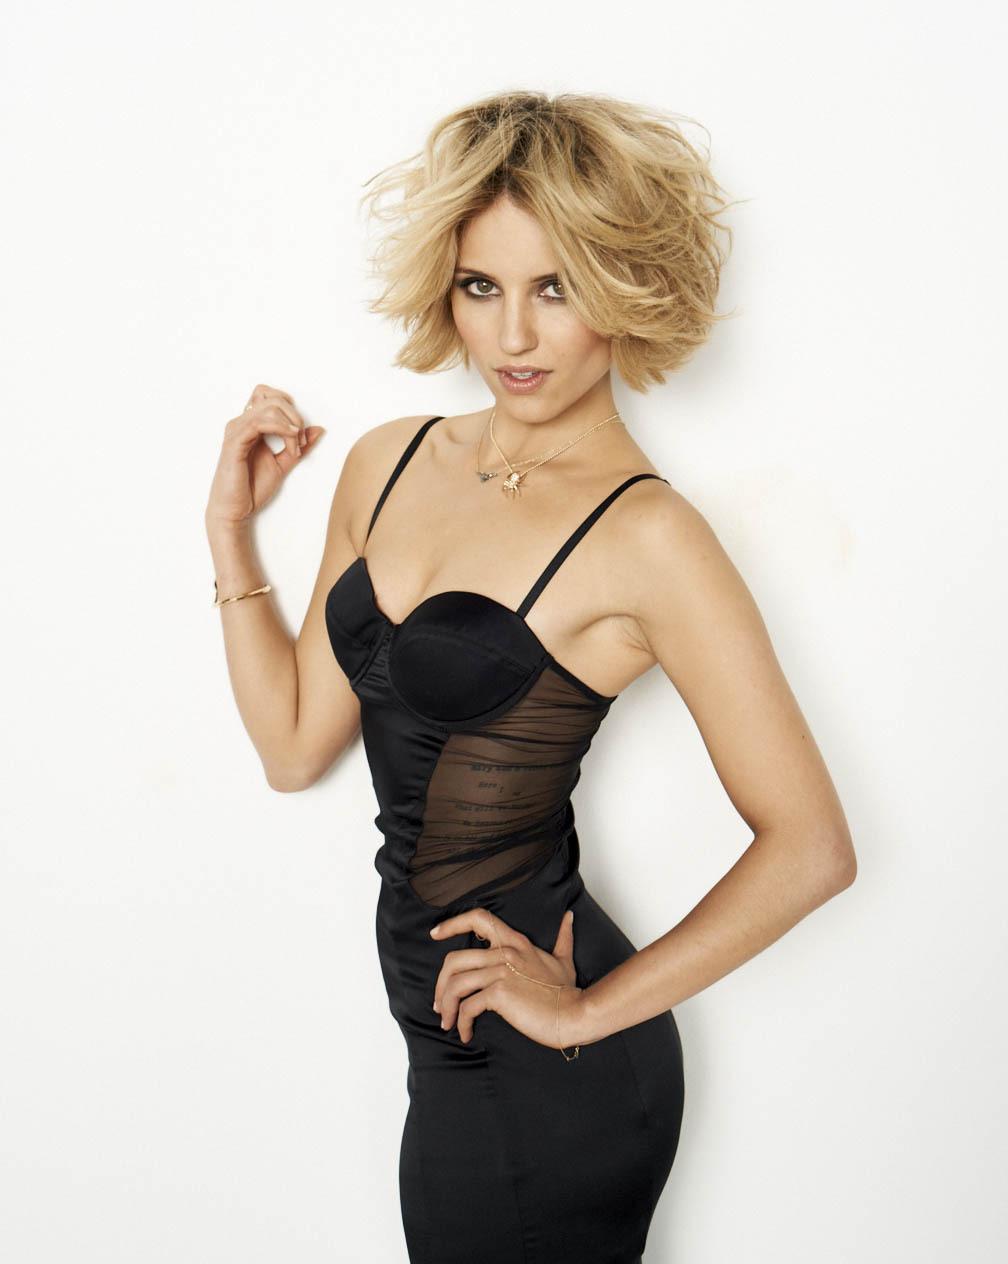 Dianna Agron New Cosmo Photoshoot - Dianna Agron Photo (22617422 ...